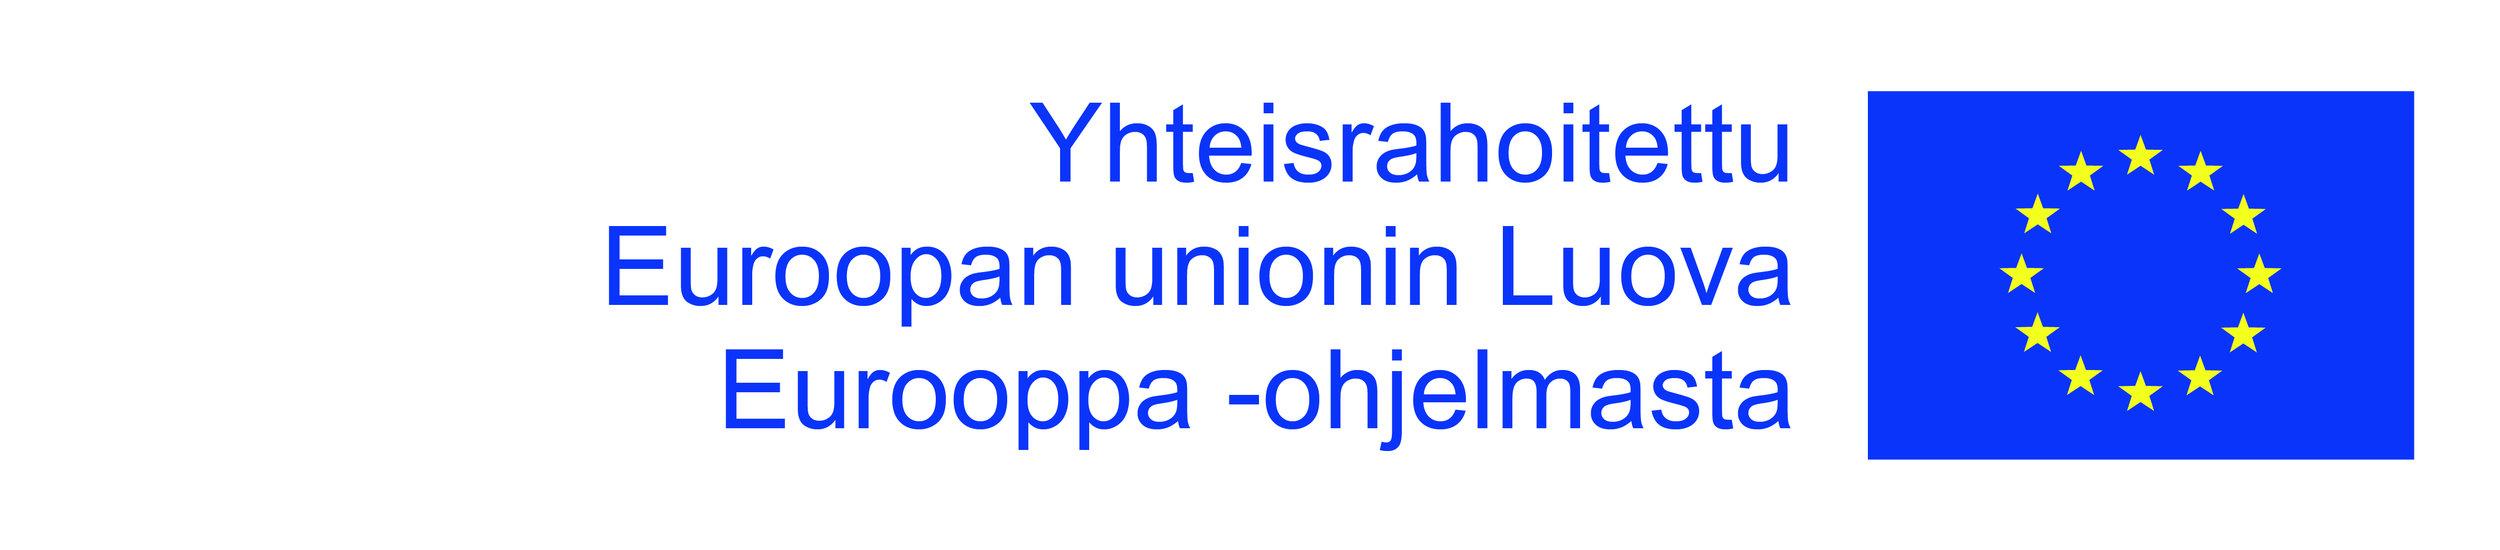 LogosBeneficairesCreativeEuropeLEFT_FI copy.jpeg